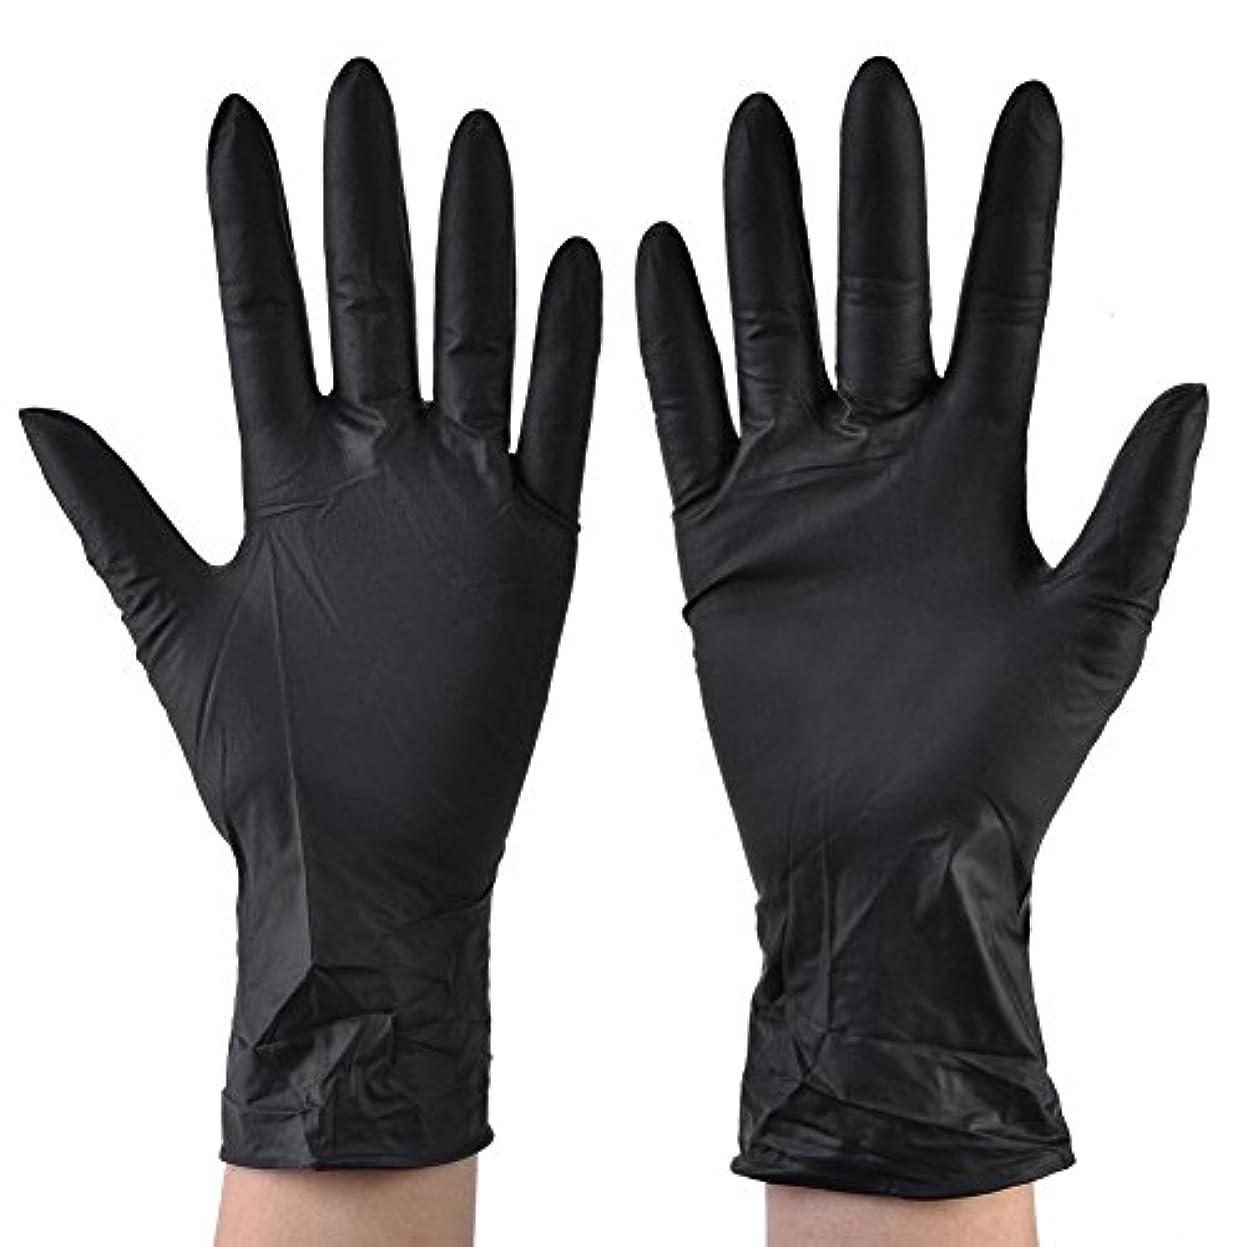 スティーブンソンピンク砲兵使い捨て手袋 ニトリルグローブ ホワイト 粉なし 工業用/医療用/理美容用/レストラン用 M/L選択可 100枚 左右兼用 作業手袋(M)